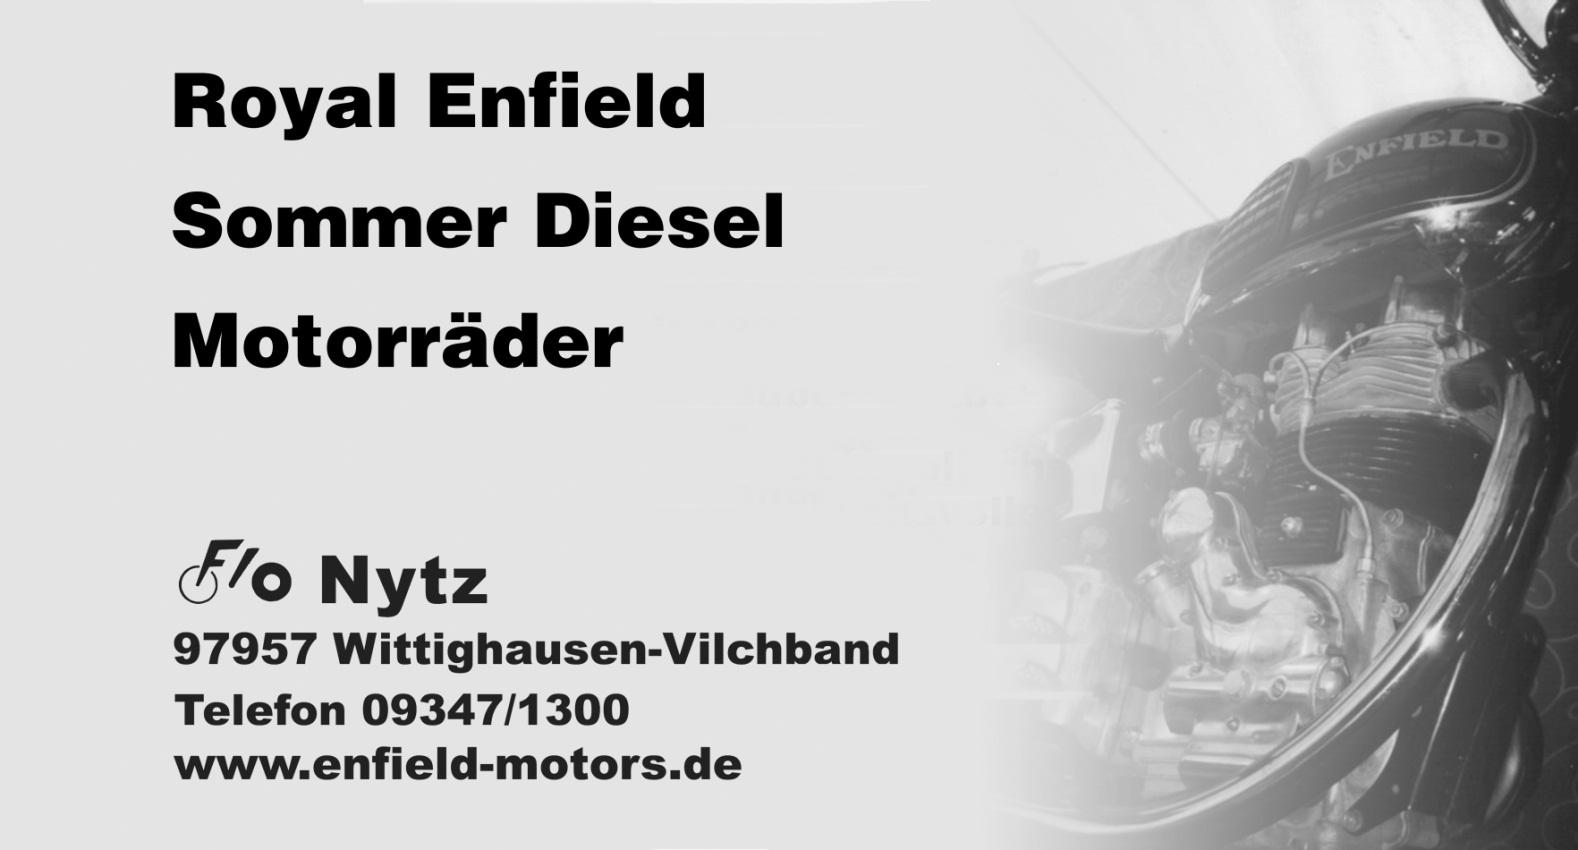 Enfield Motors - Flo Nytz